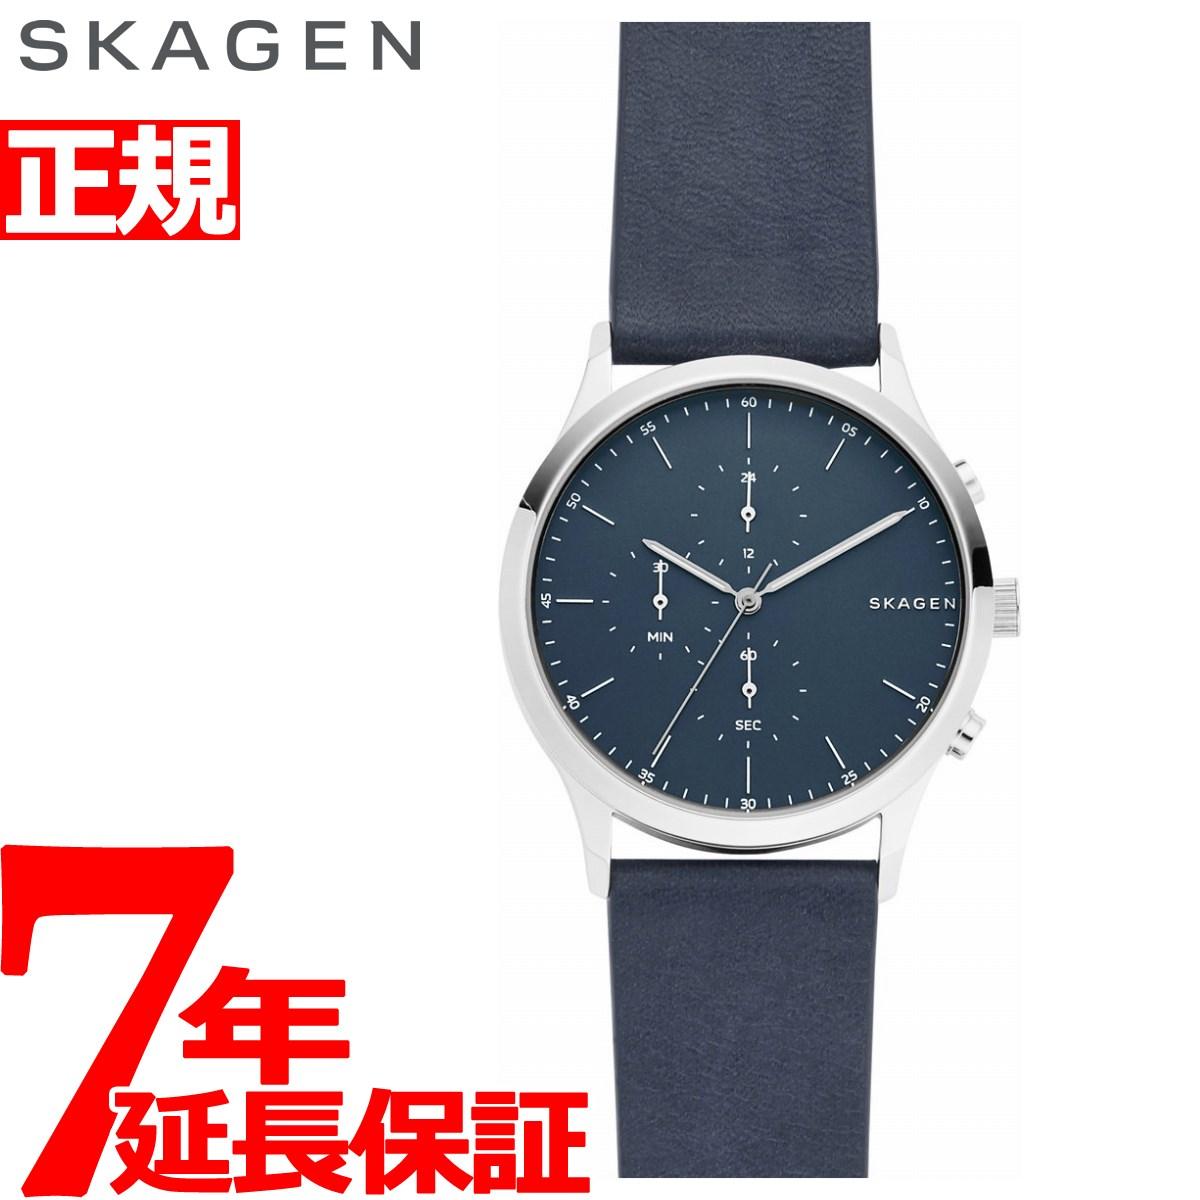 スカーゲン SKAGEN 腕時計 メンズ ヨーン JORN クロノグラフ SKW6475【2018 新作】